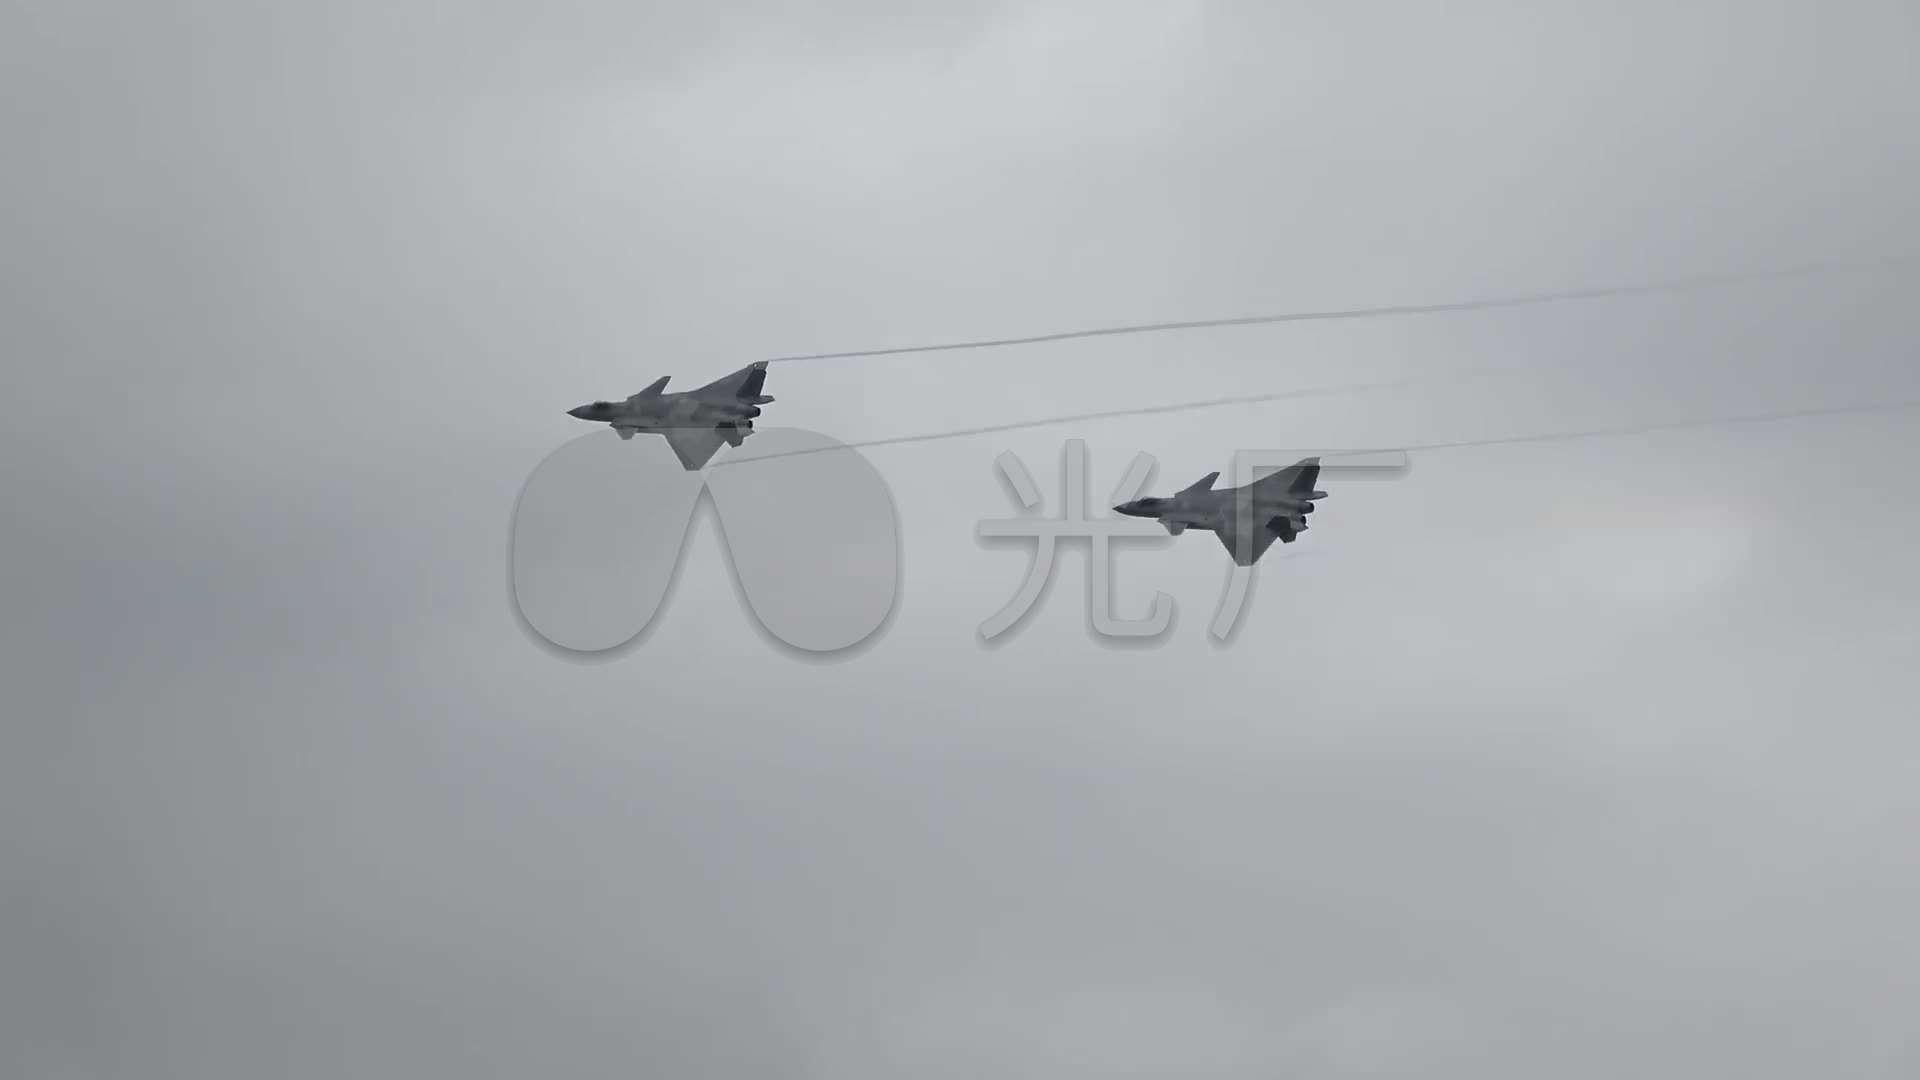 中国空军歼20J-20隐形战机_1920X1080_高清